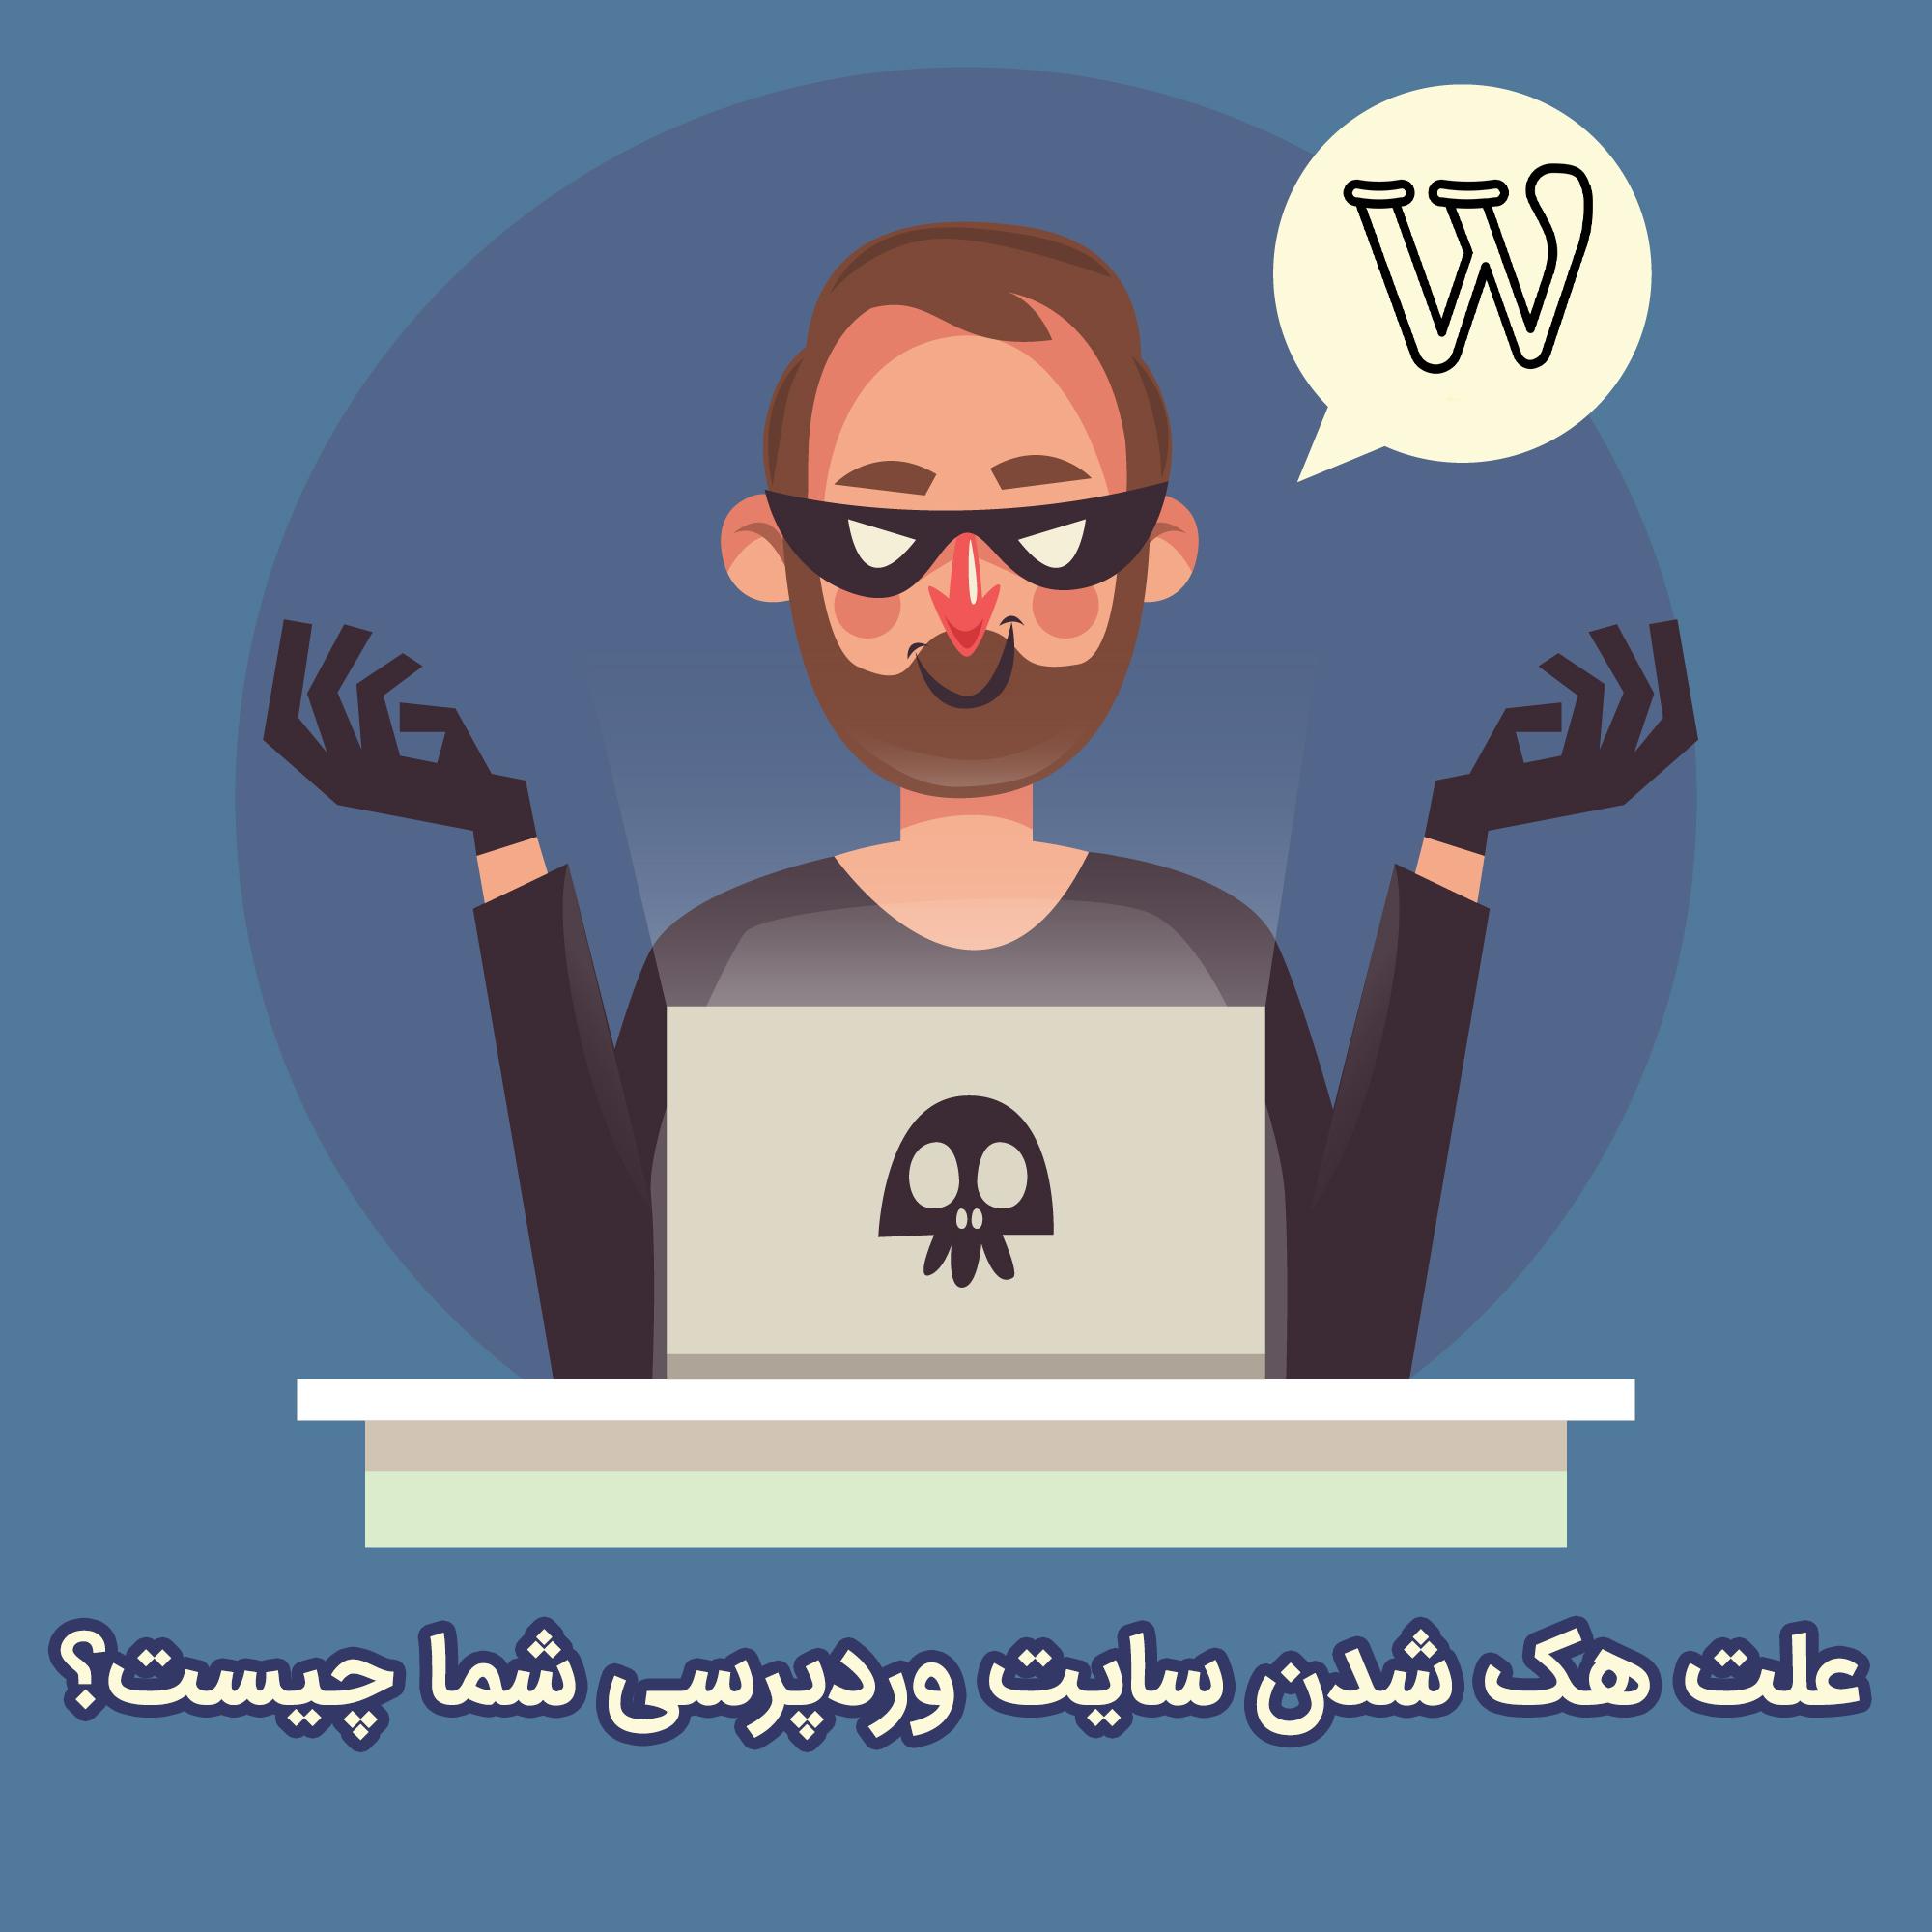 دلیل هک شدن سایت وردپرس چیست؟ ۷ دلیل اصلی